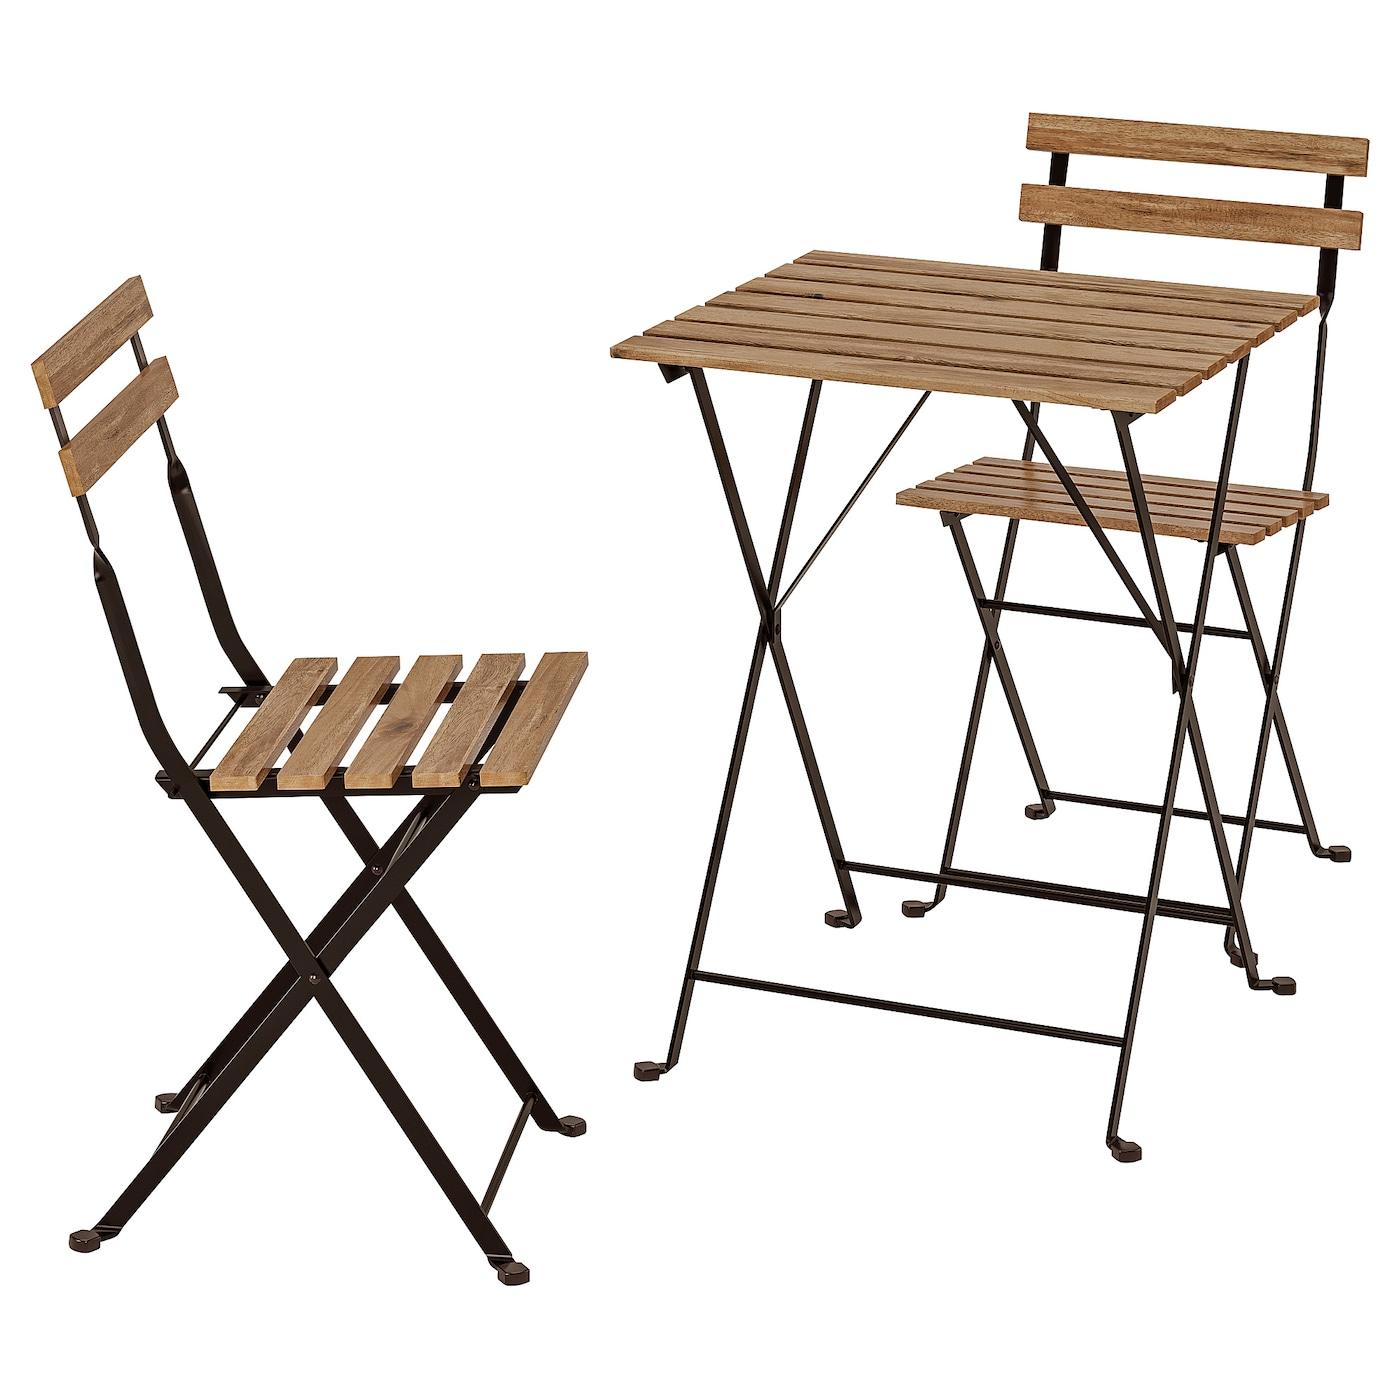 TÄRNÖ Bord+2 stolar, utomhus, röd, ljusbrunlaserad IKEA